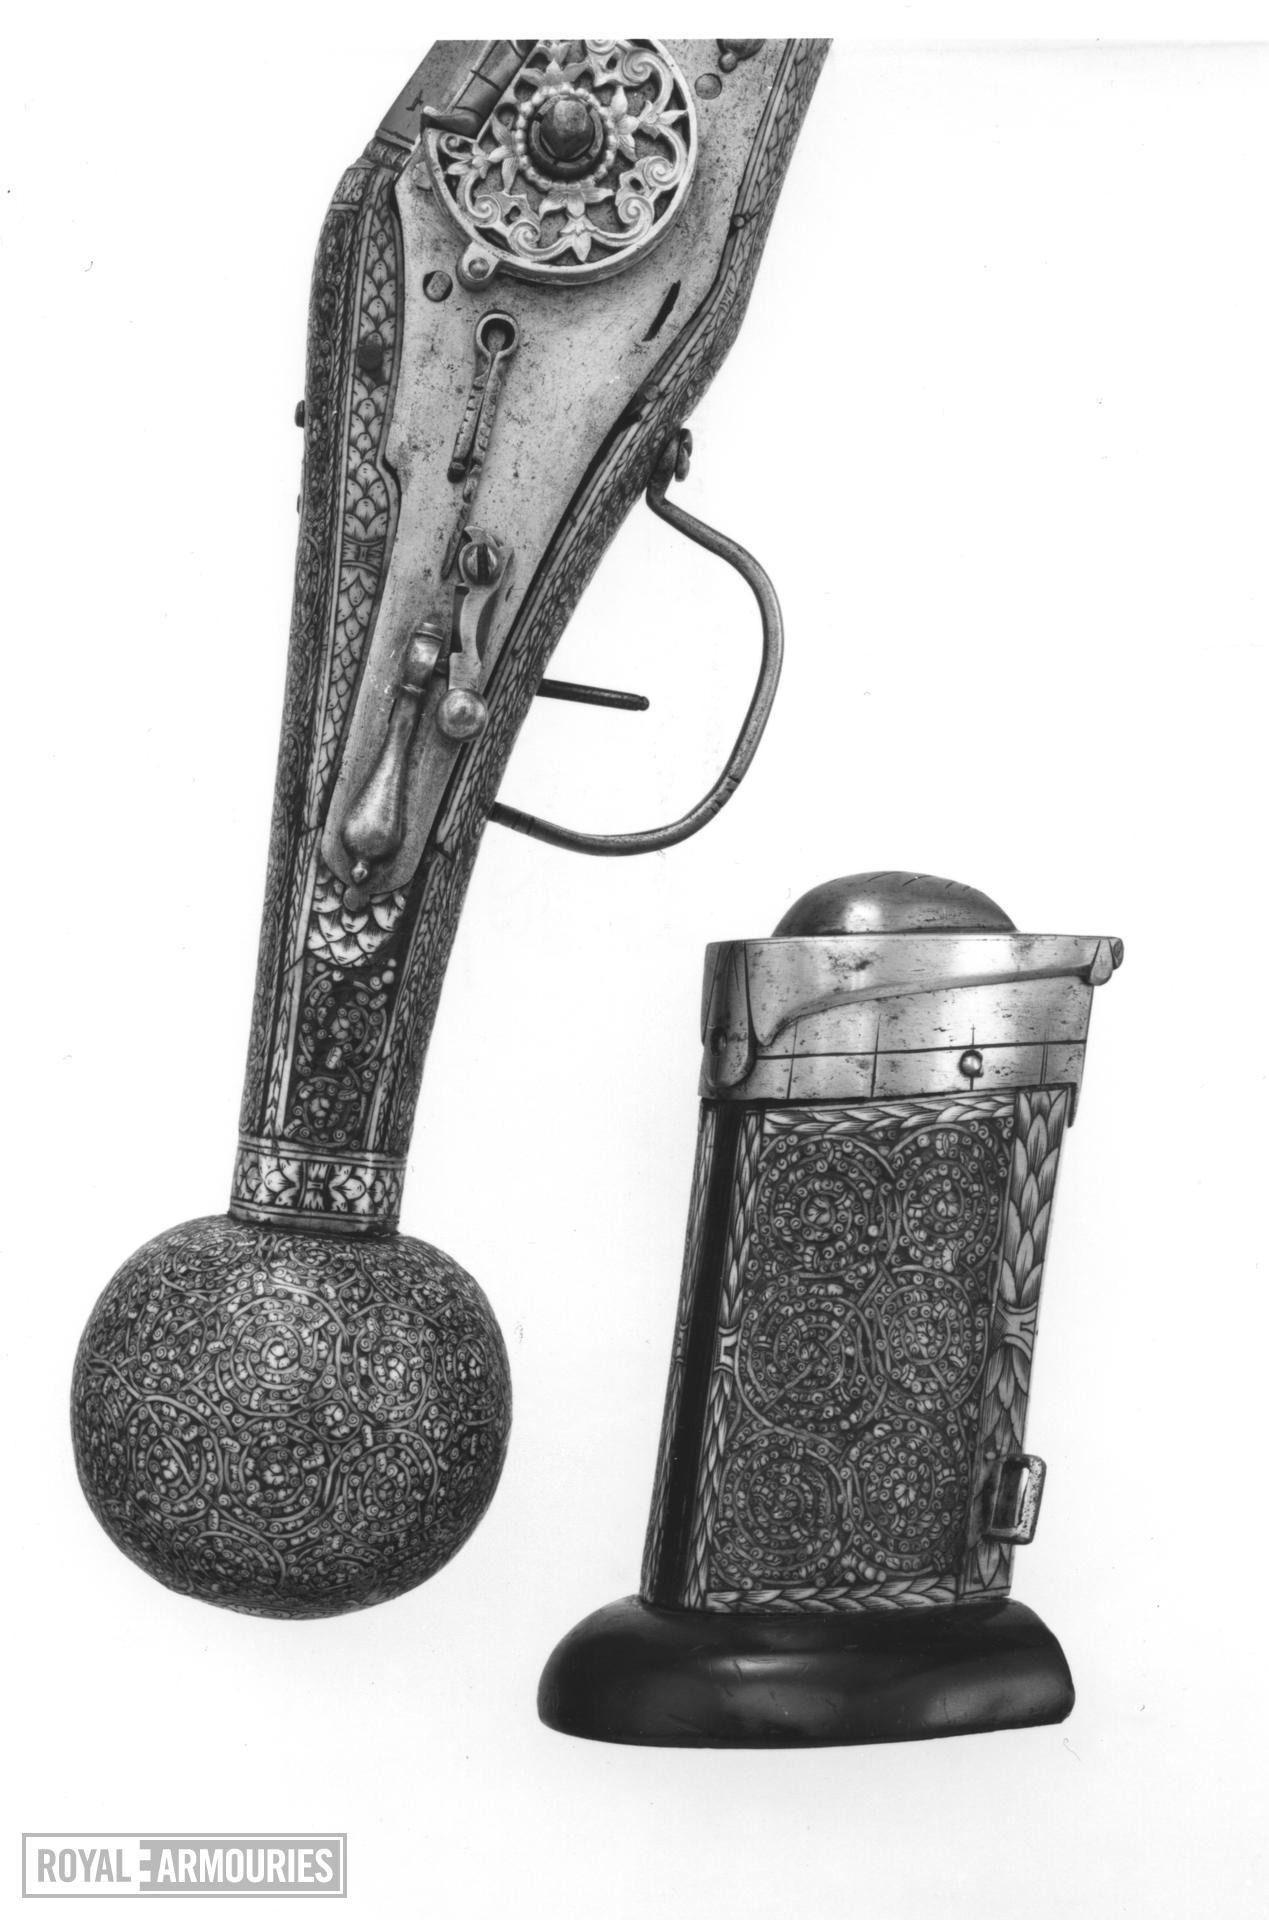 Wheellock holster pistol